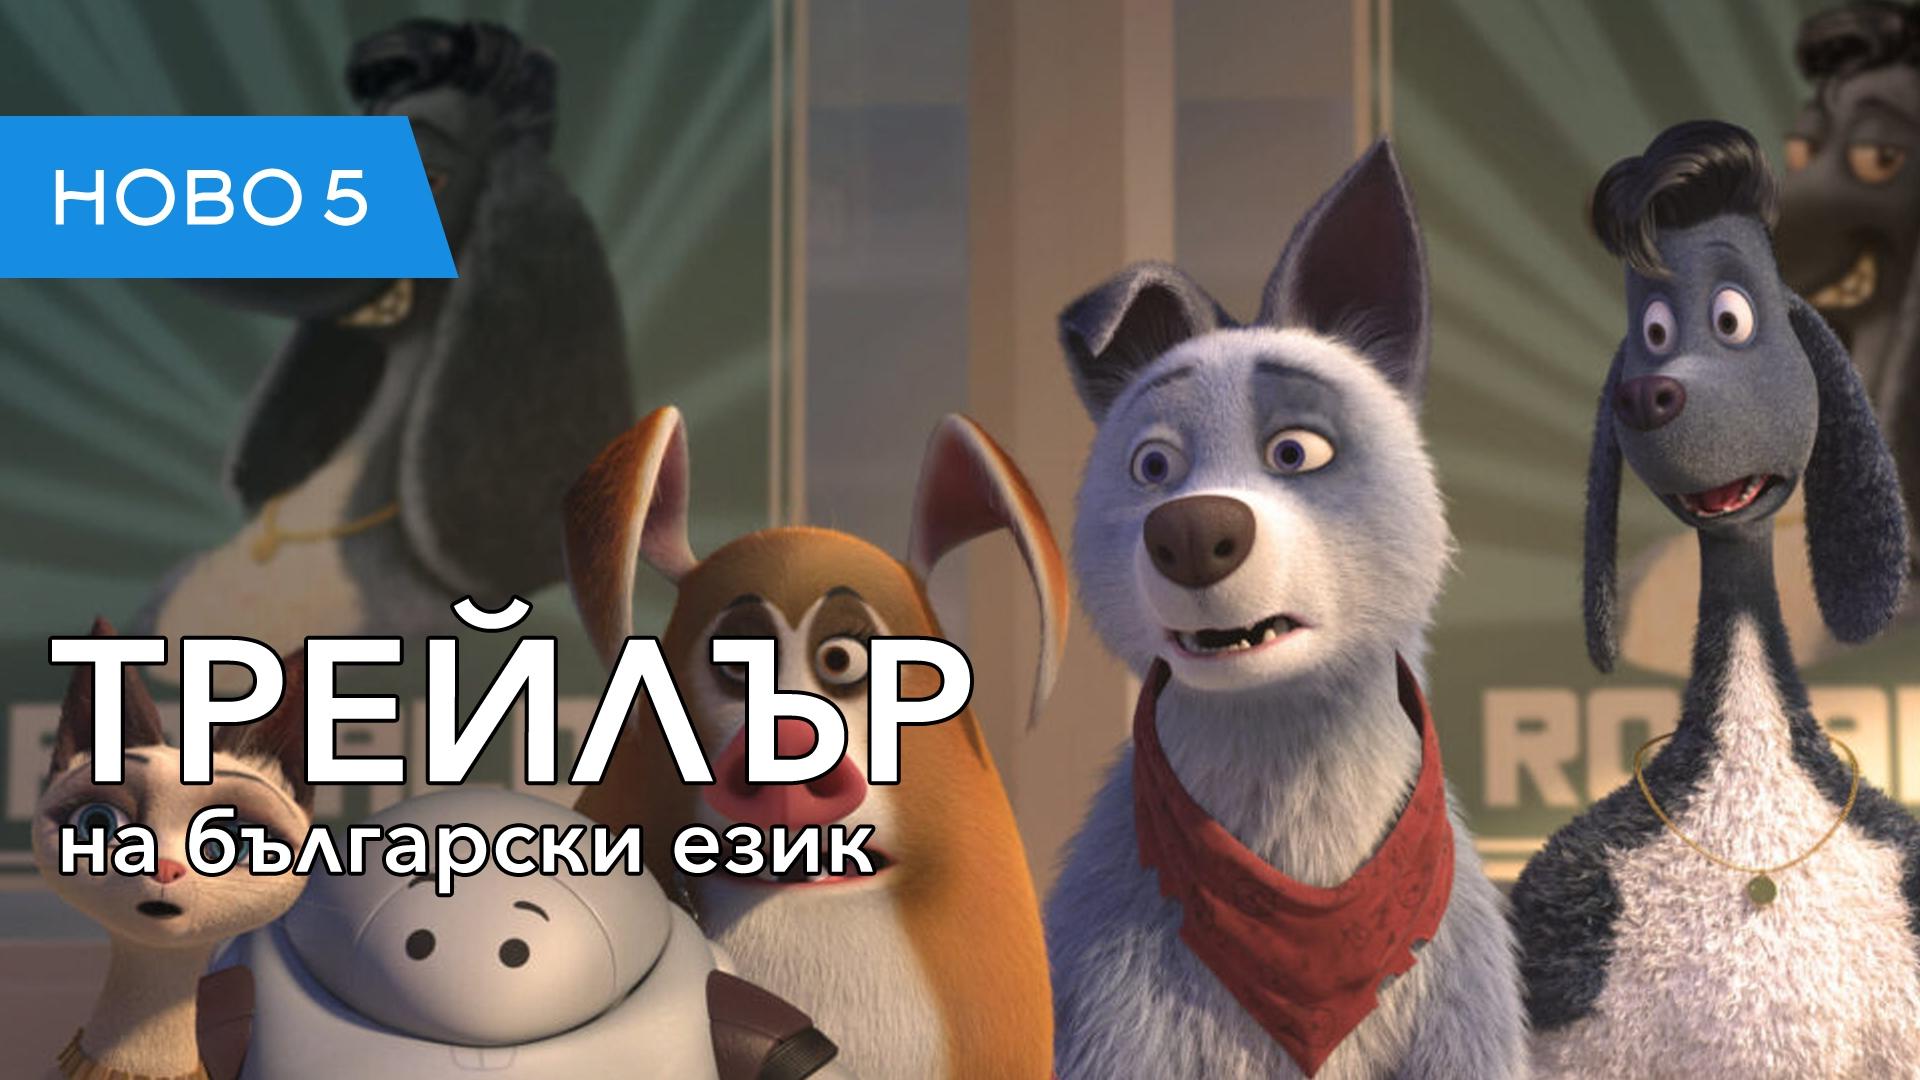 Лигата на животните (2020) трейлър на български език